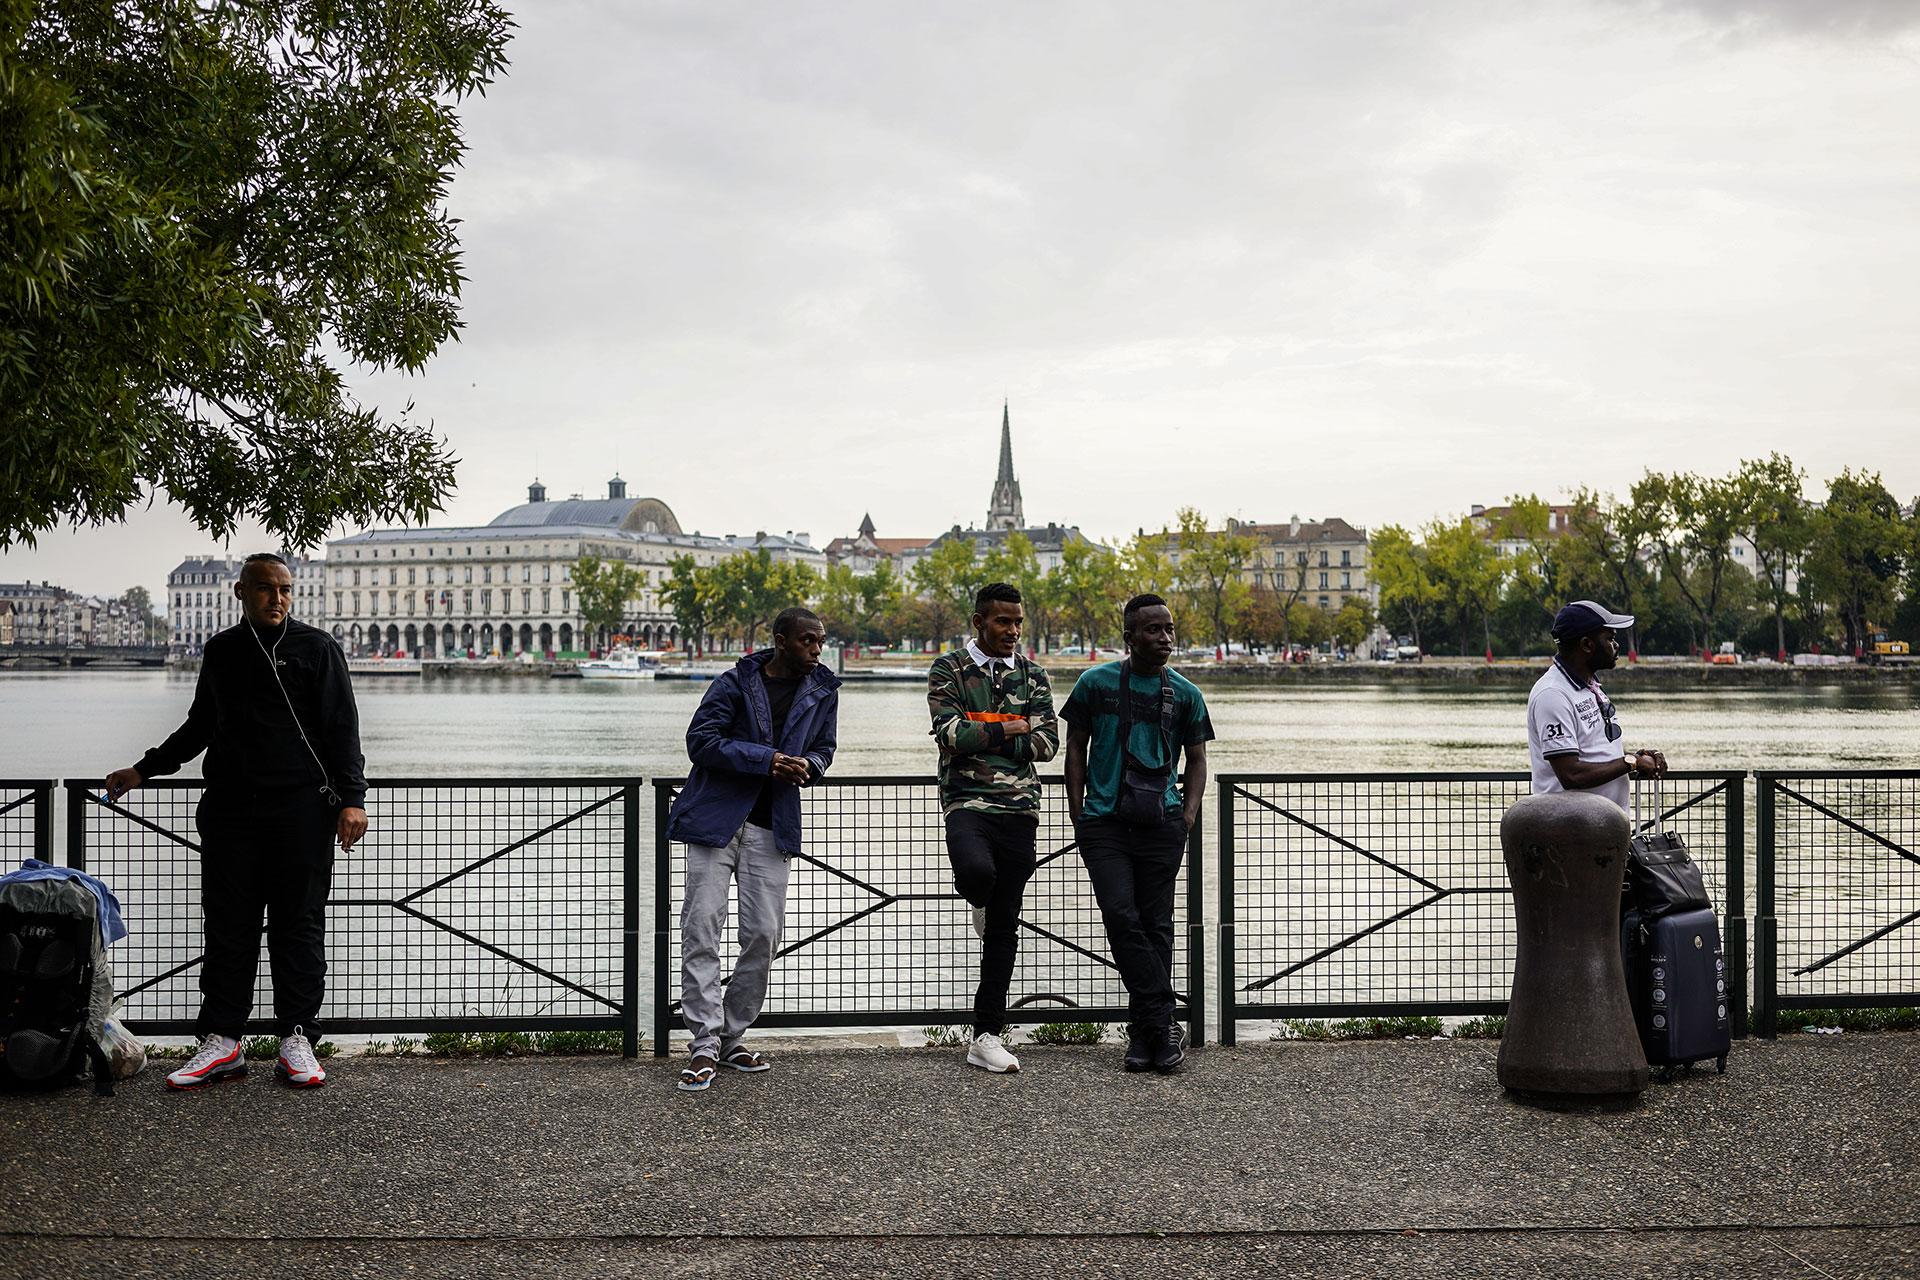 Un grupo de jóvenes esperan el autobús que les llevará a otra ciudad francesa en frente de el centro de acogida de refugiados ¨La Pausa¨ en Bayona, 17 de Septiembre de 2019.